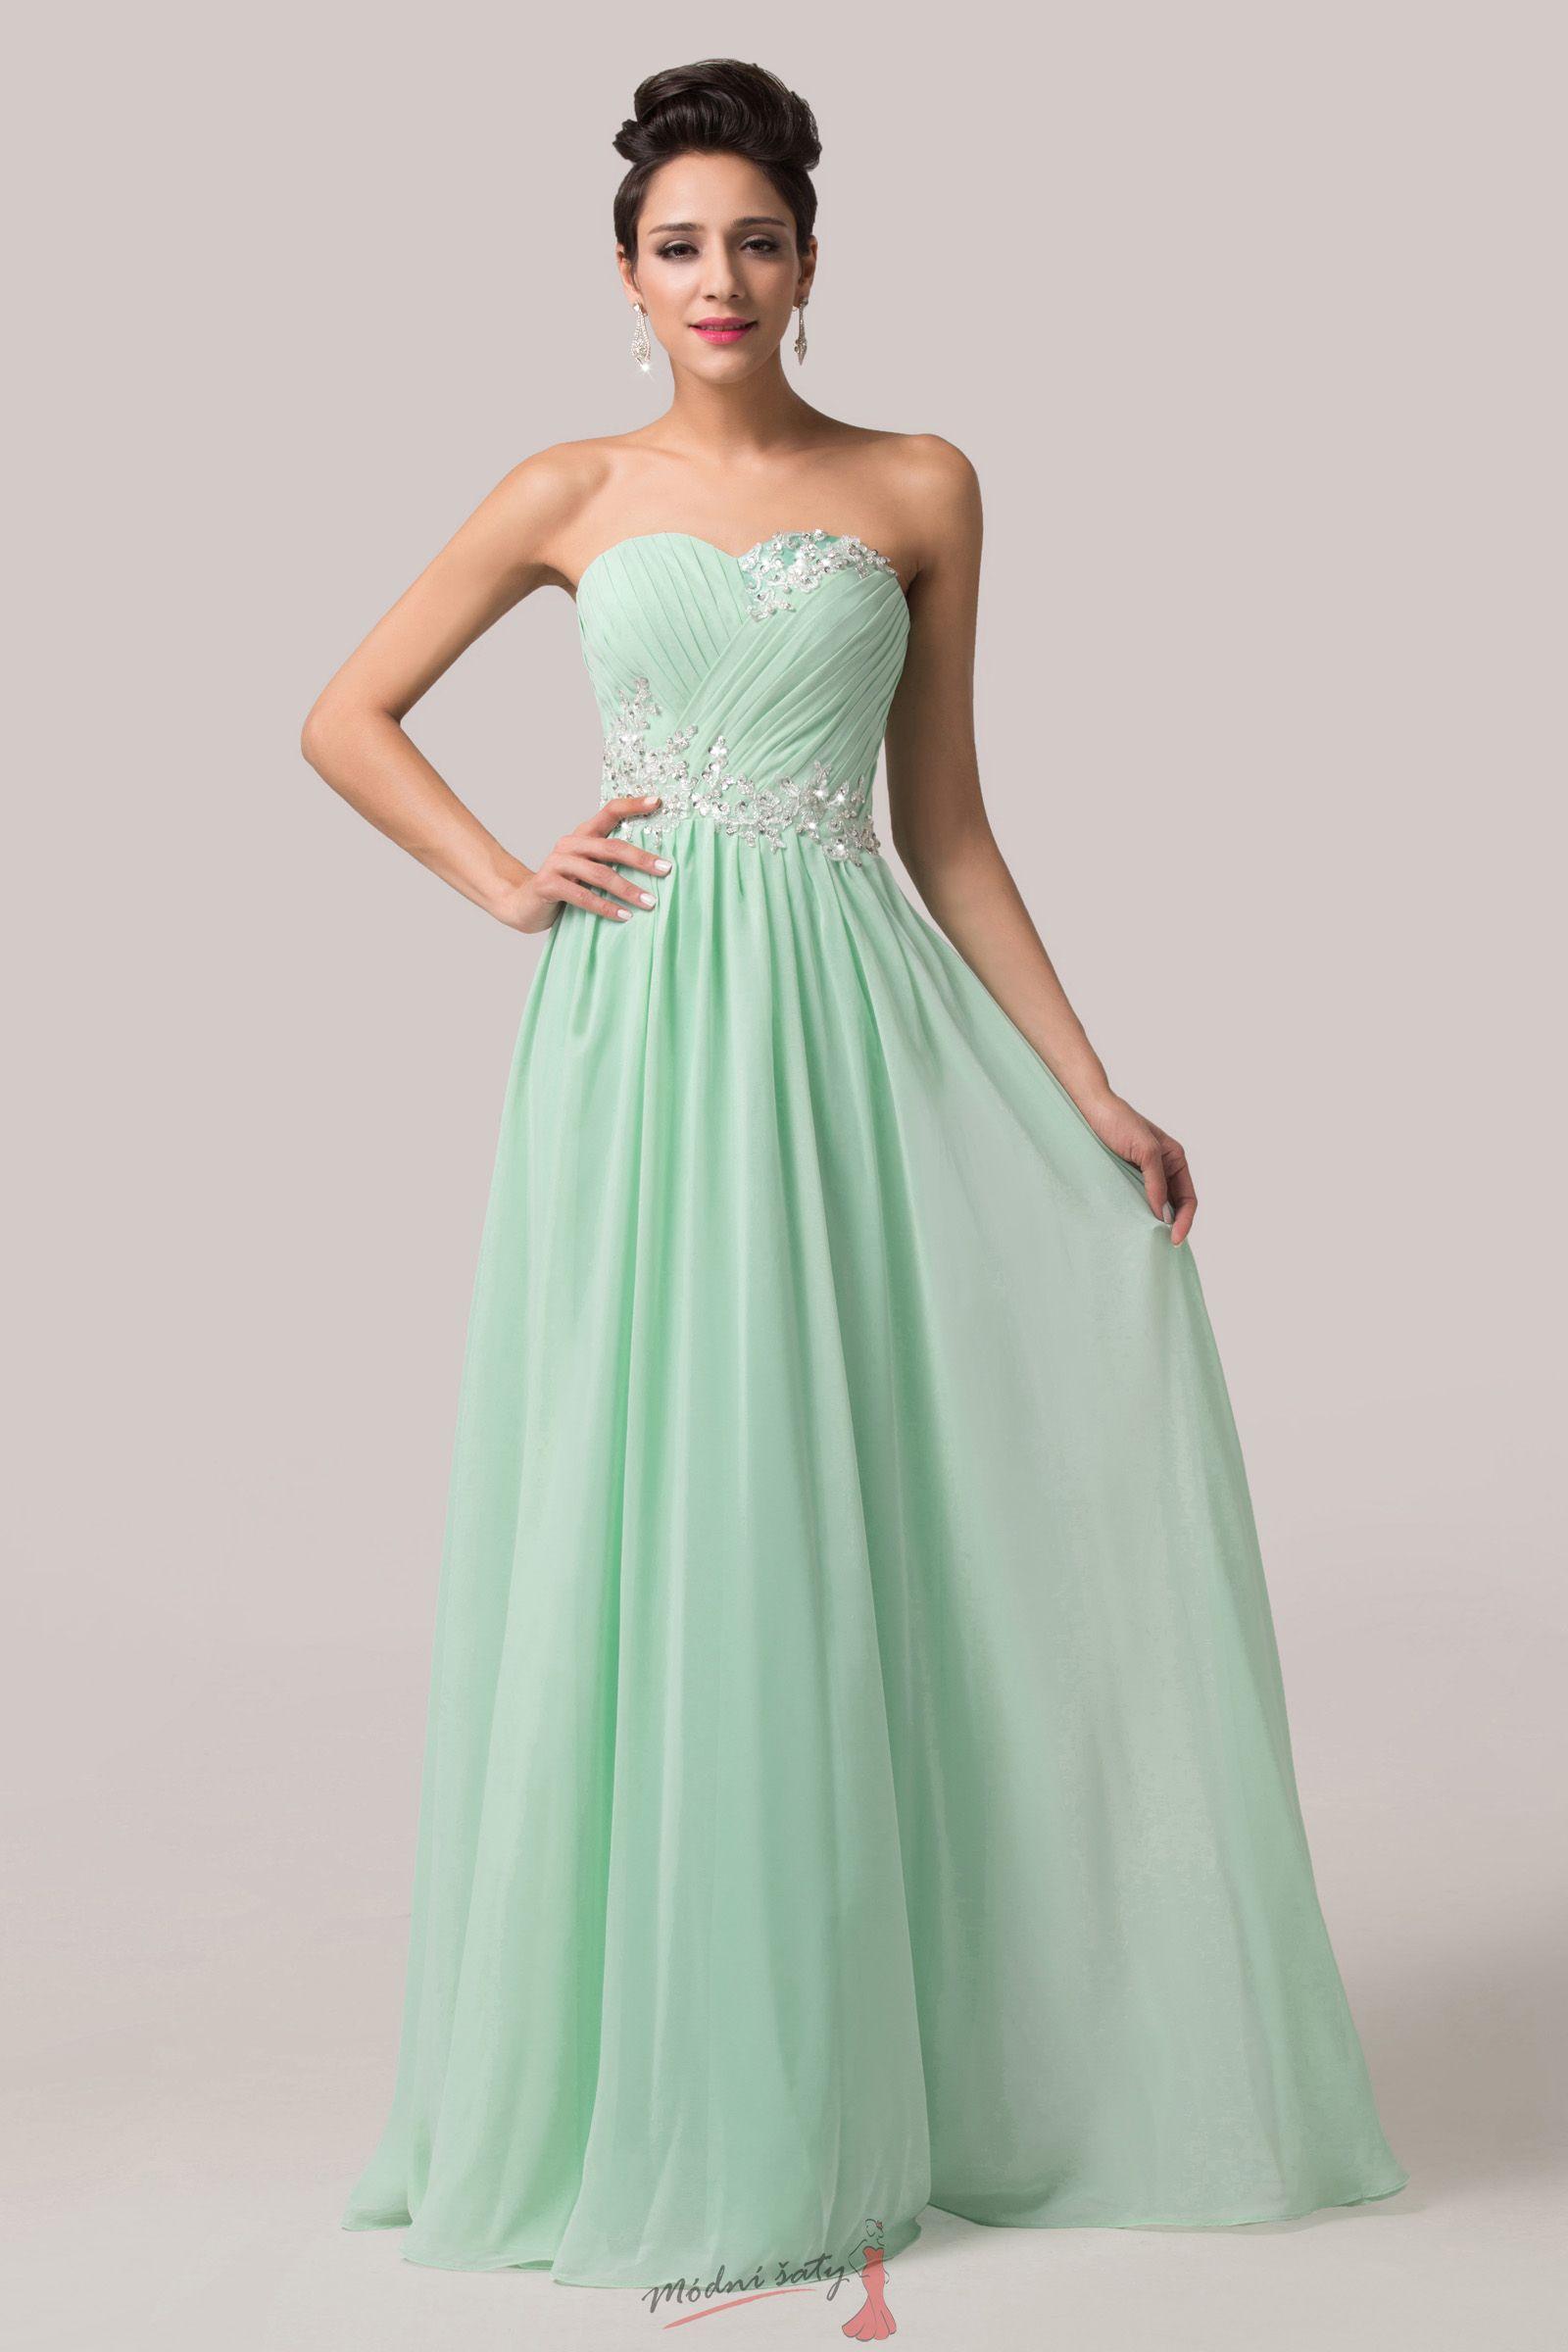 Plesové zelenkavé šaty bez ramínek e6aefa39449